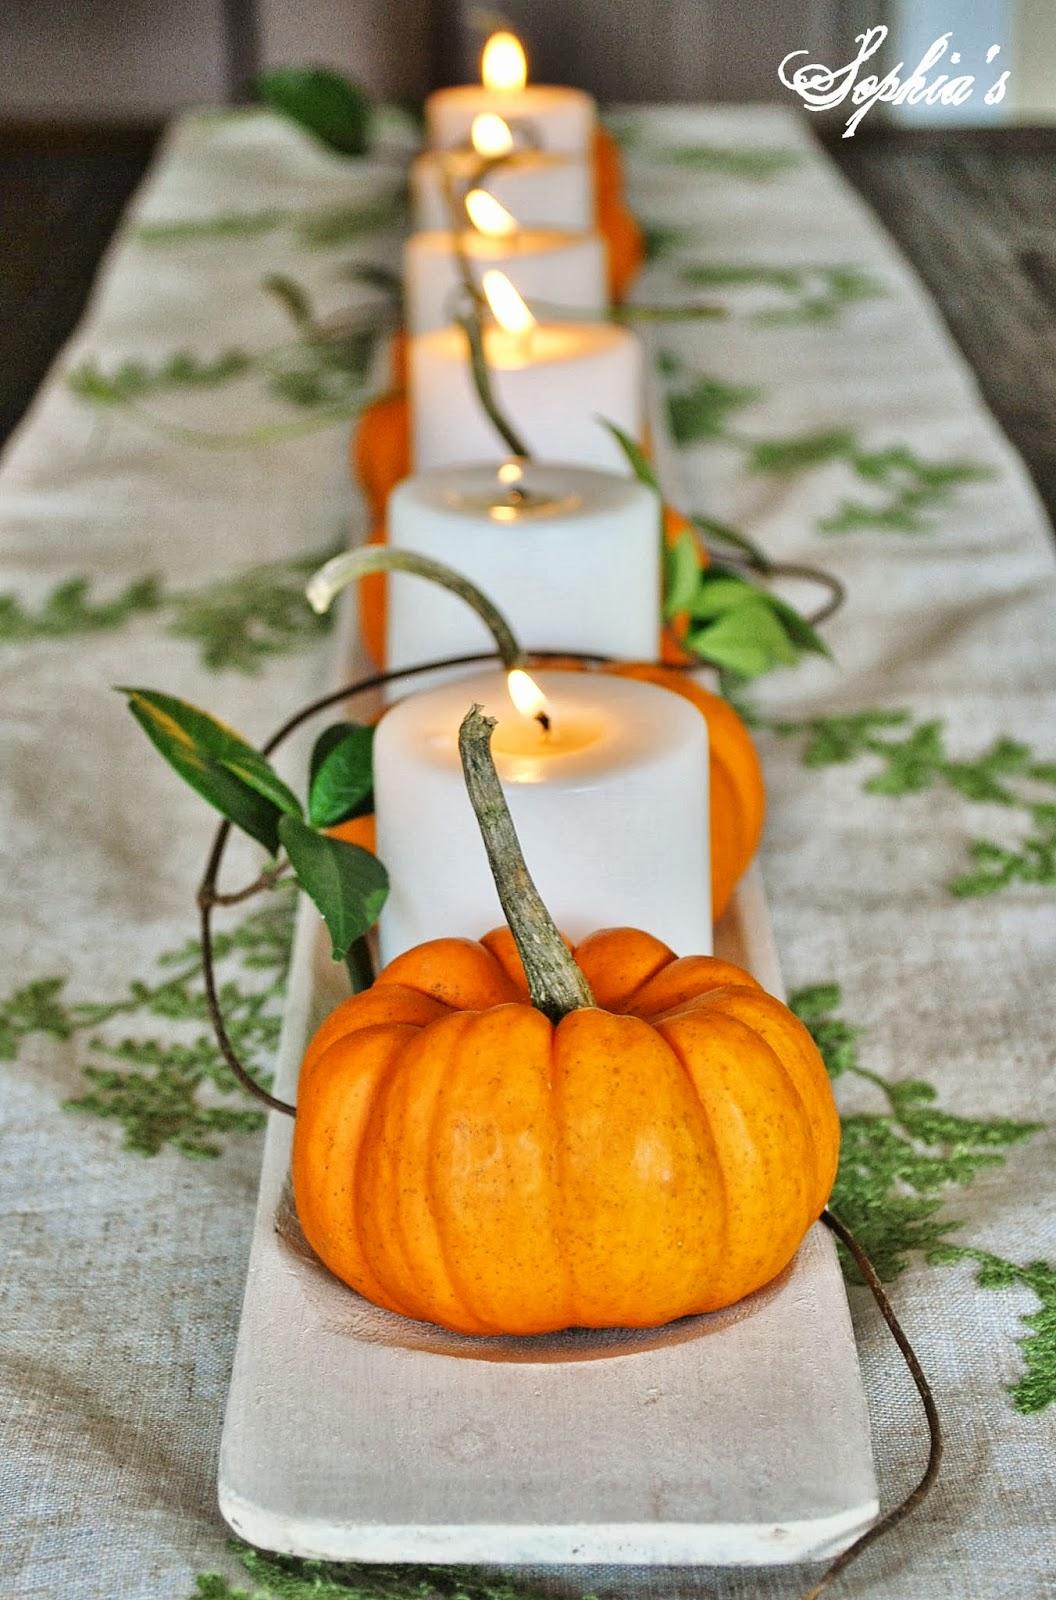 Mini pumpkin decorating ideas - Mini Pumpkin Decorating Ideas 19